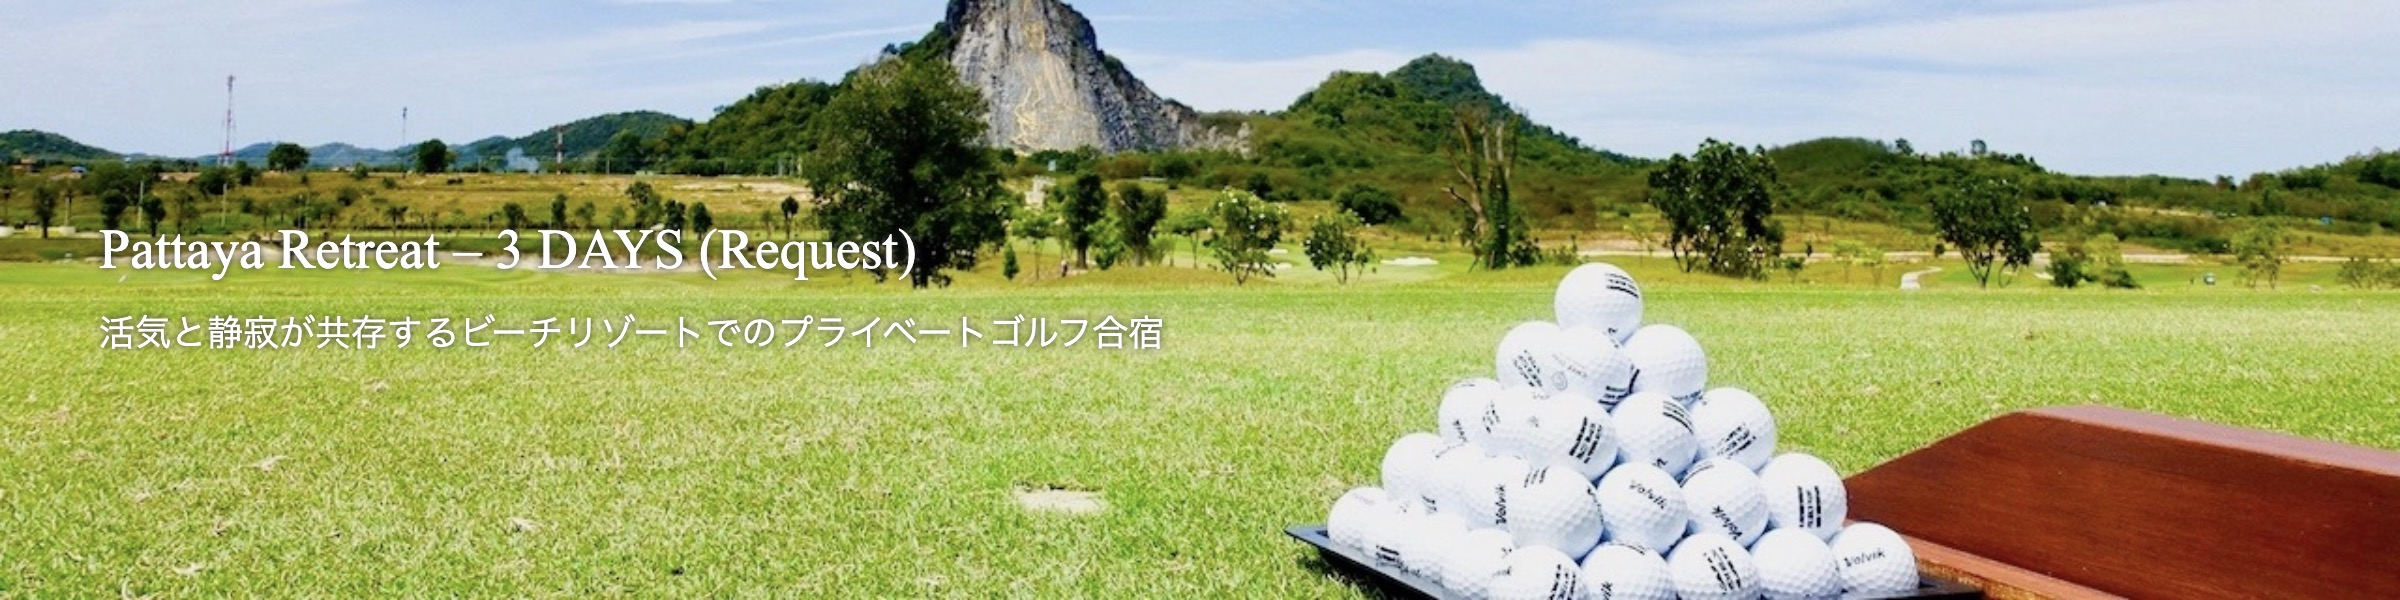 Thai-golf-retreat-headder6